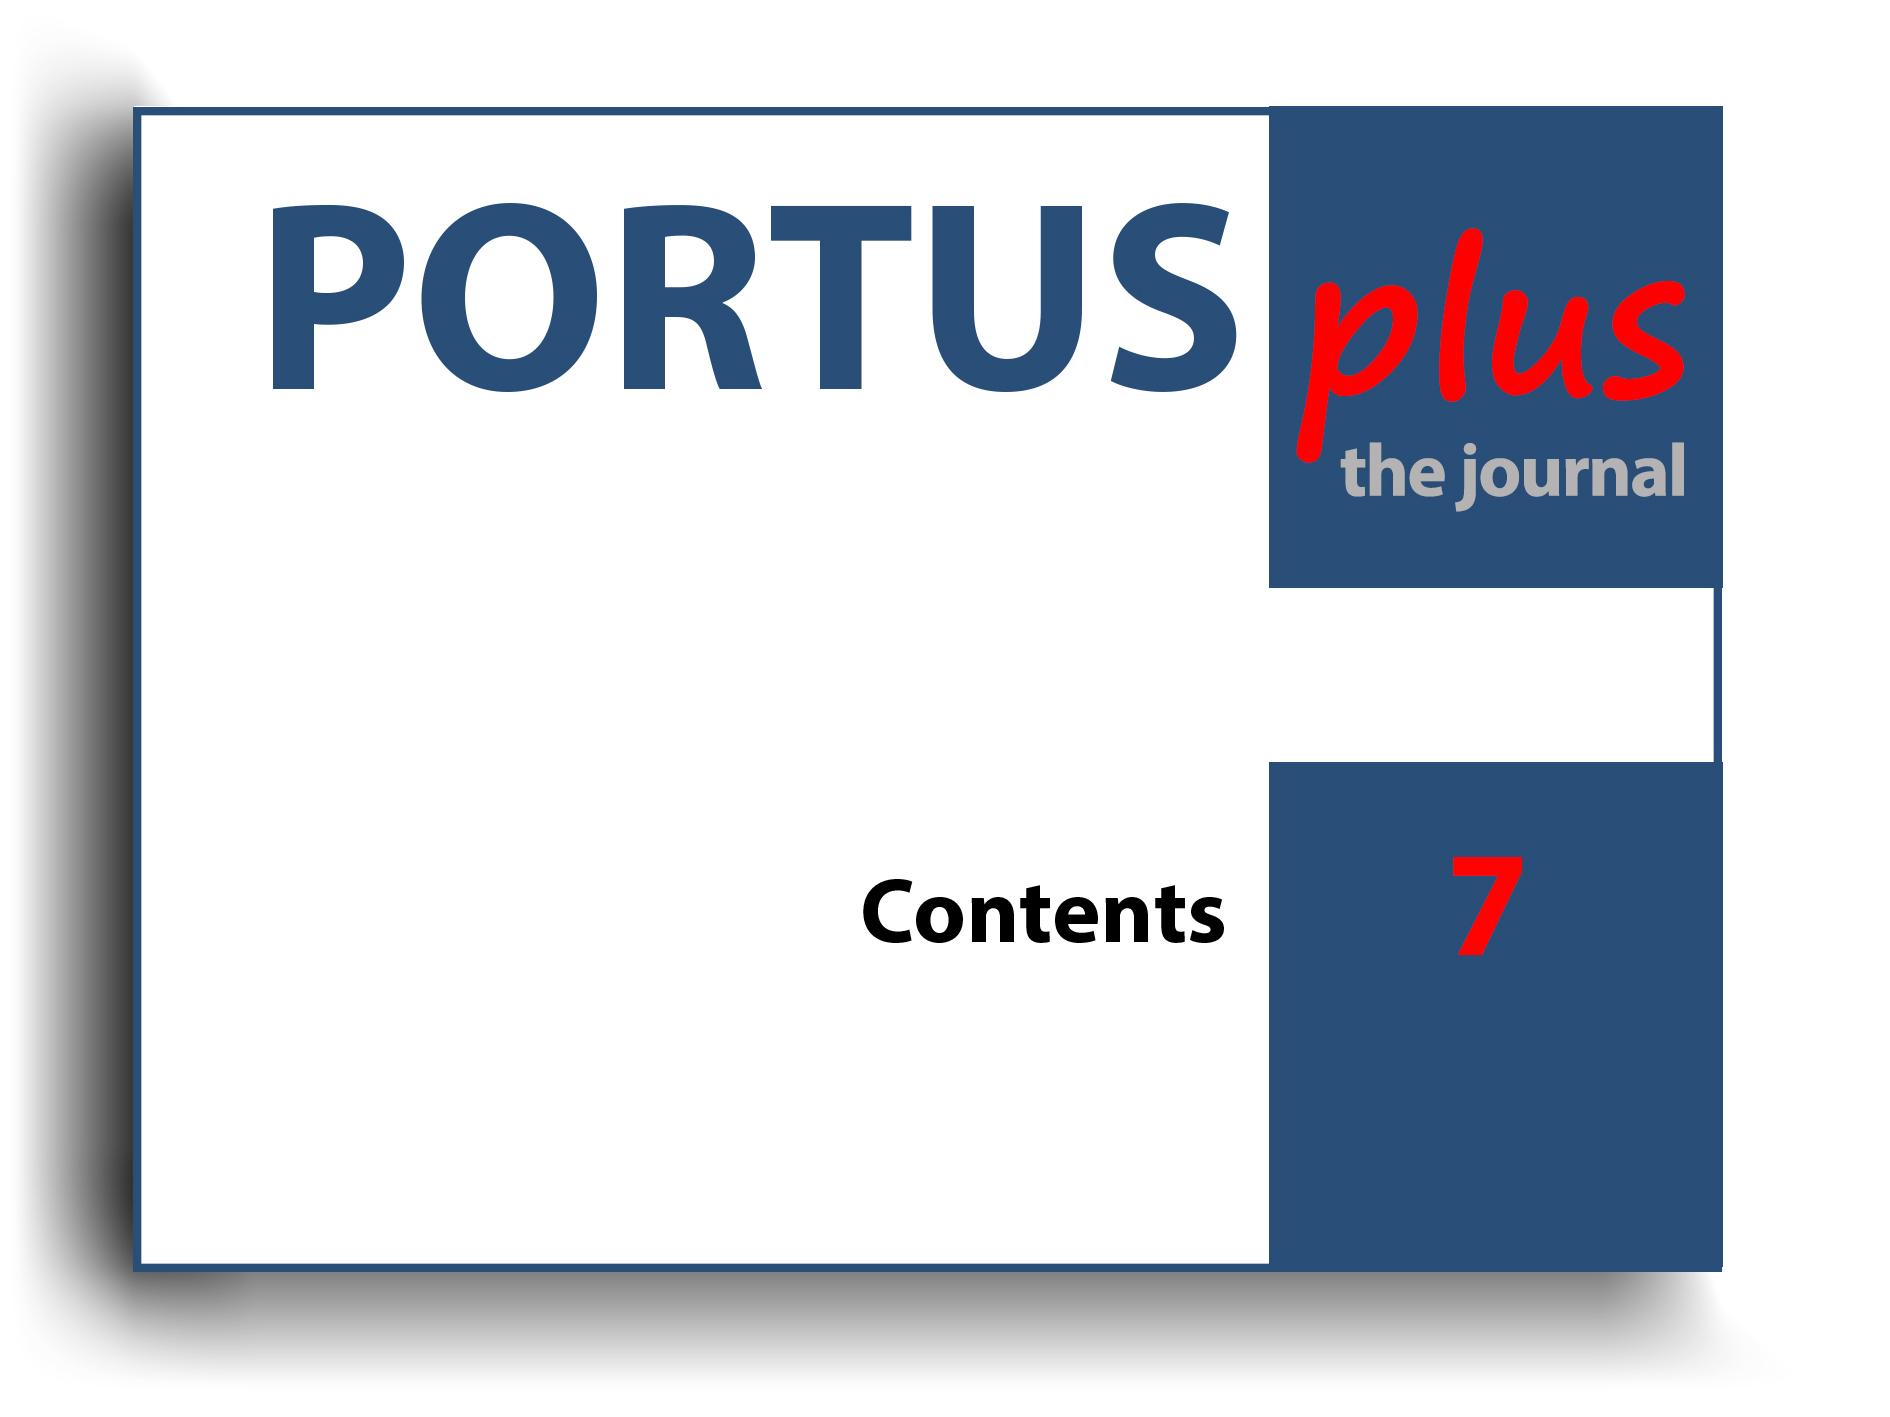 portus plus 7